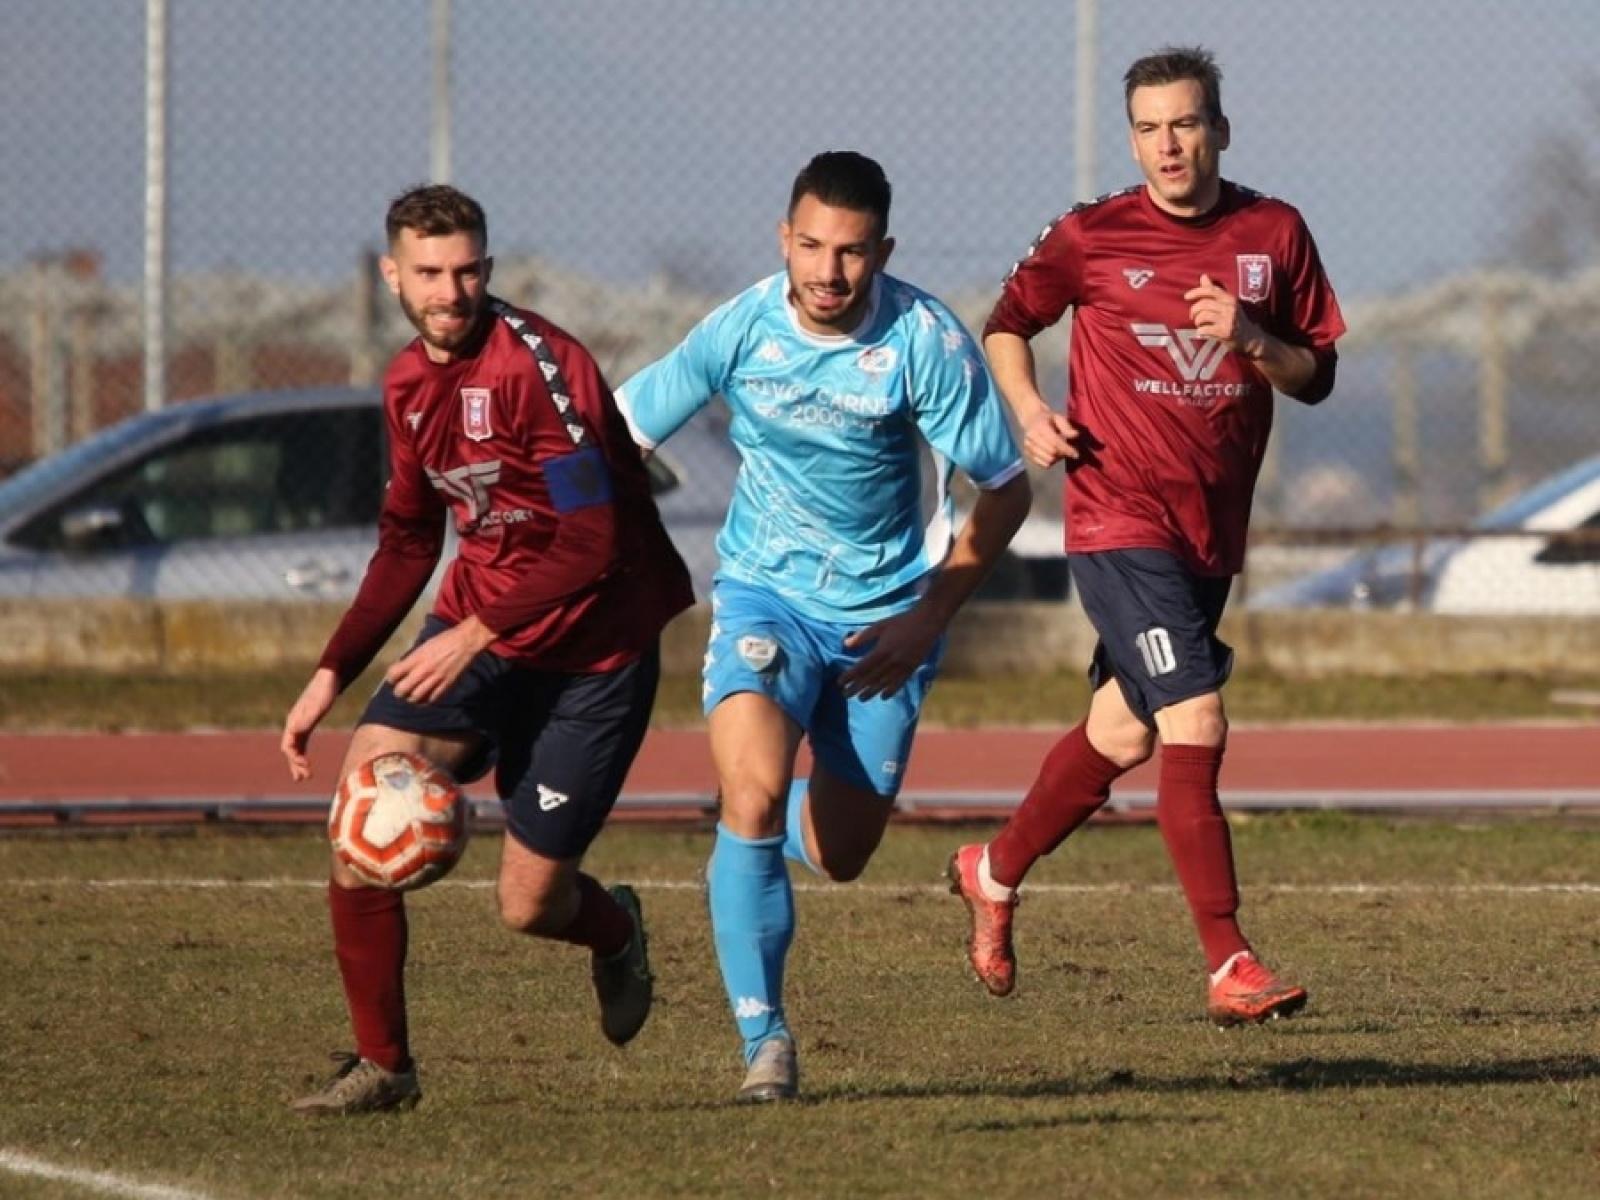 Serie D Saluzzo vs Sanremese 1-0